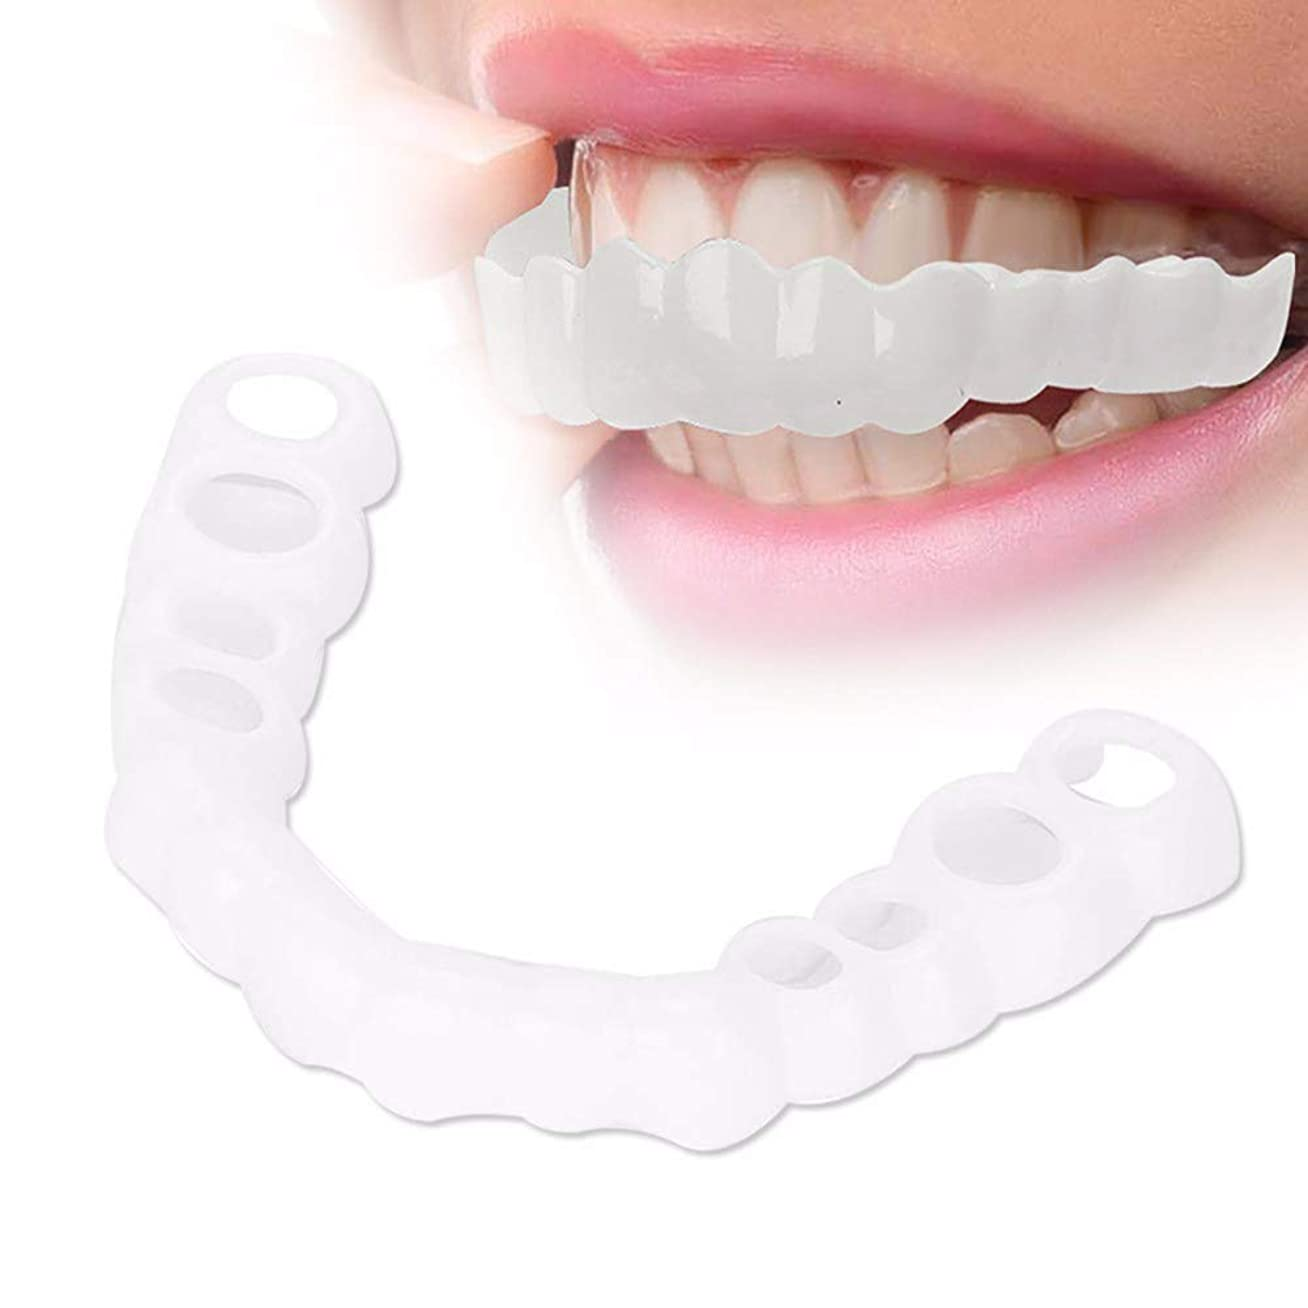 ミニチュアステープル監督する一時的な微笑の化粧品の歯義歯のベニヤの歯の歯のベニヤ(上の歯)